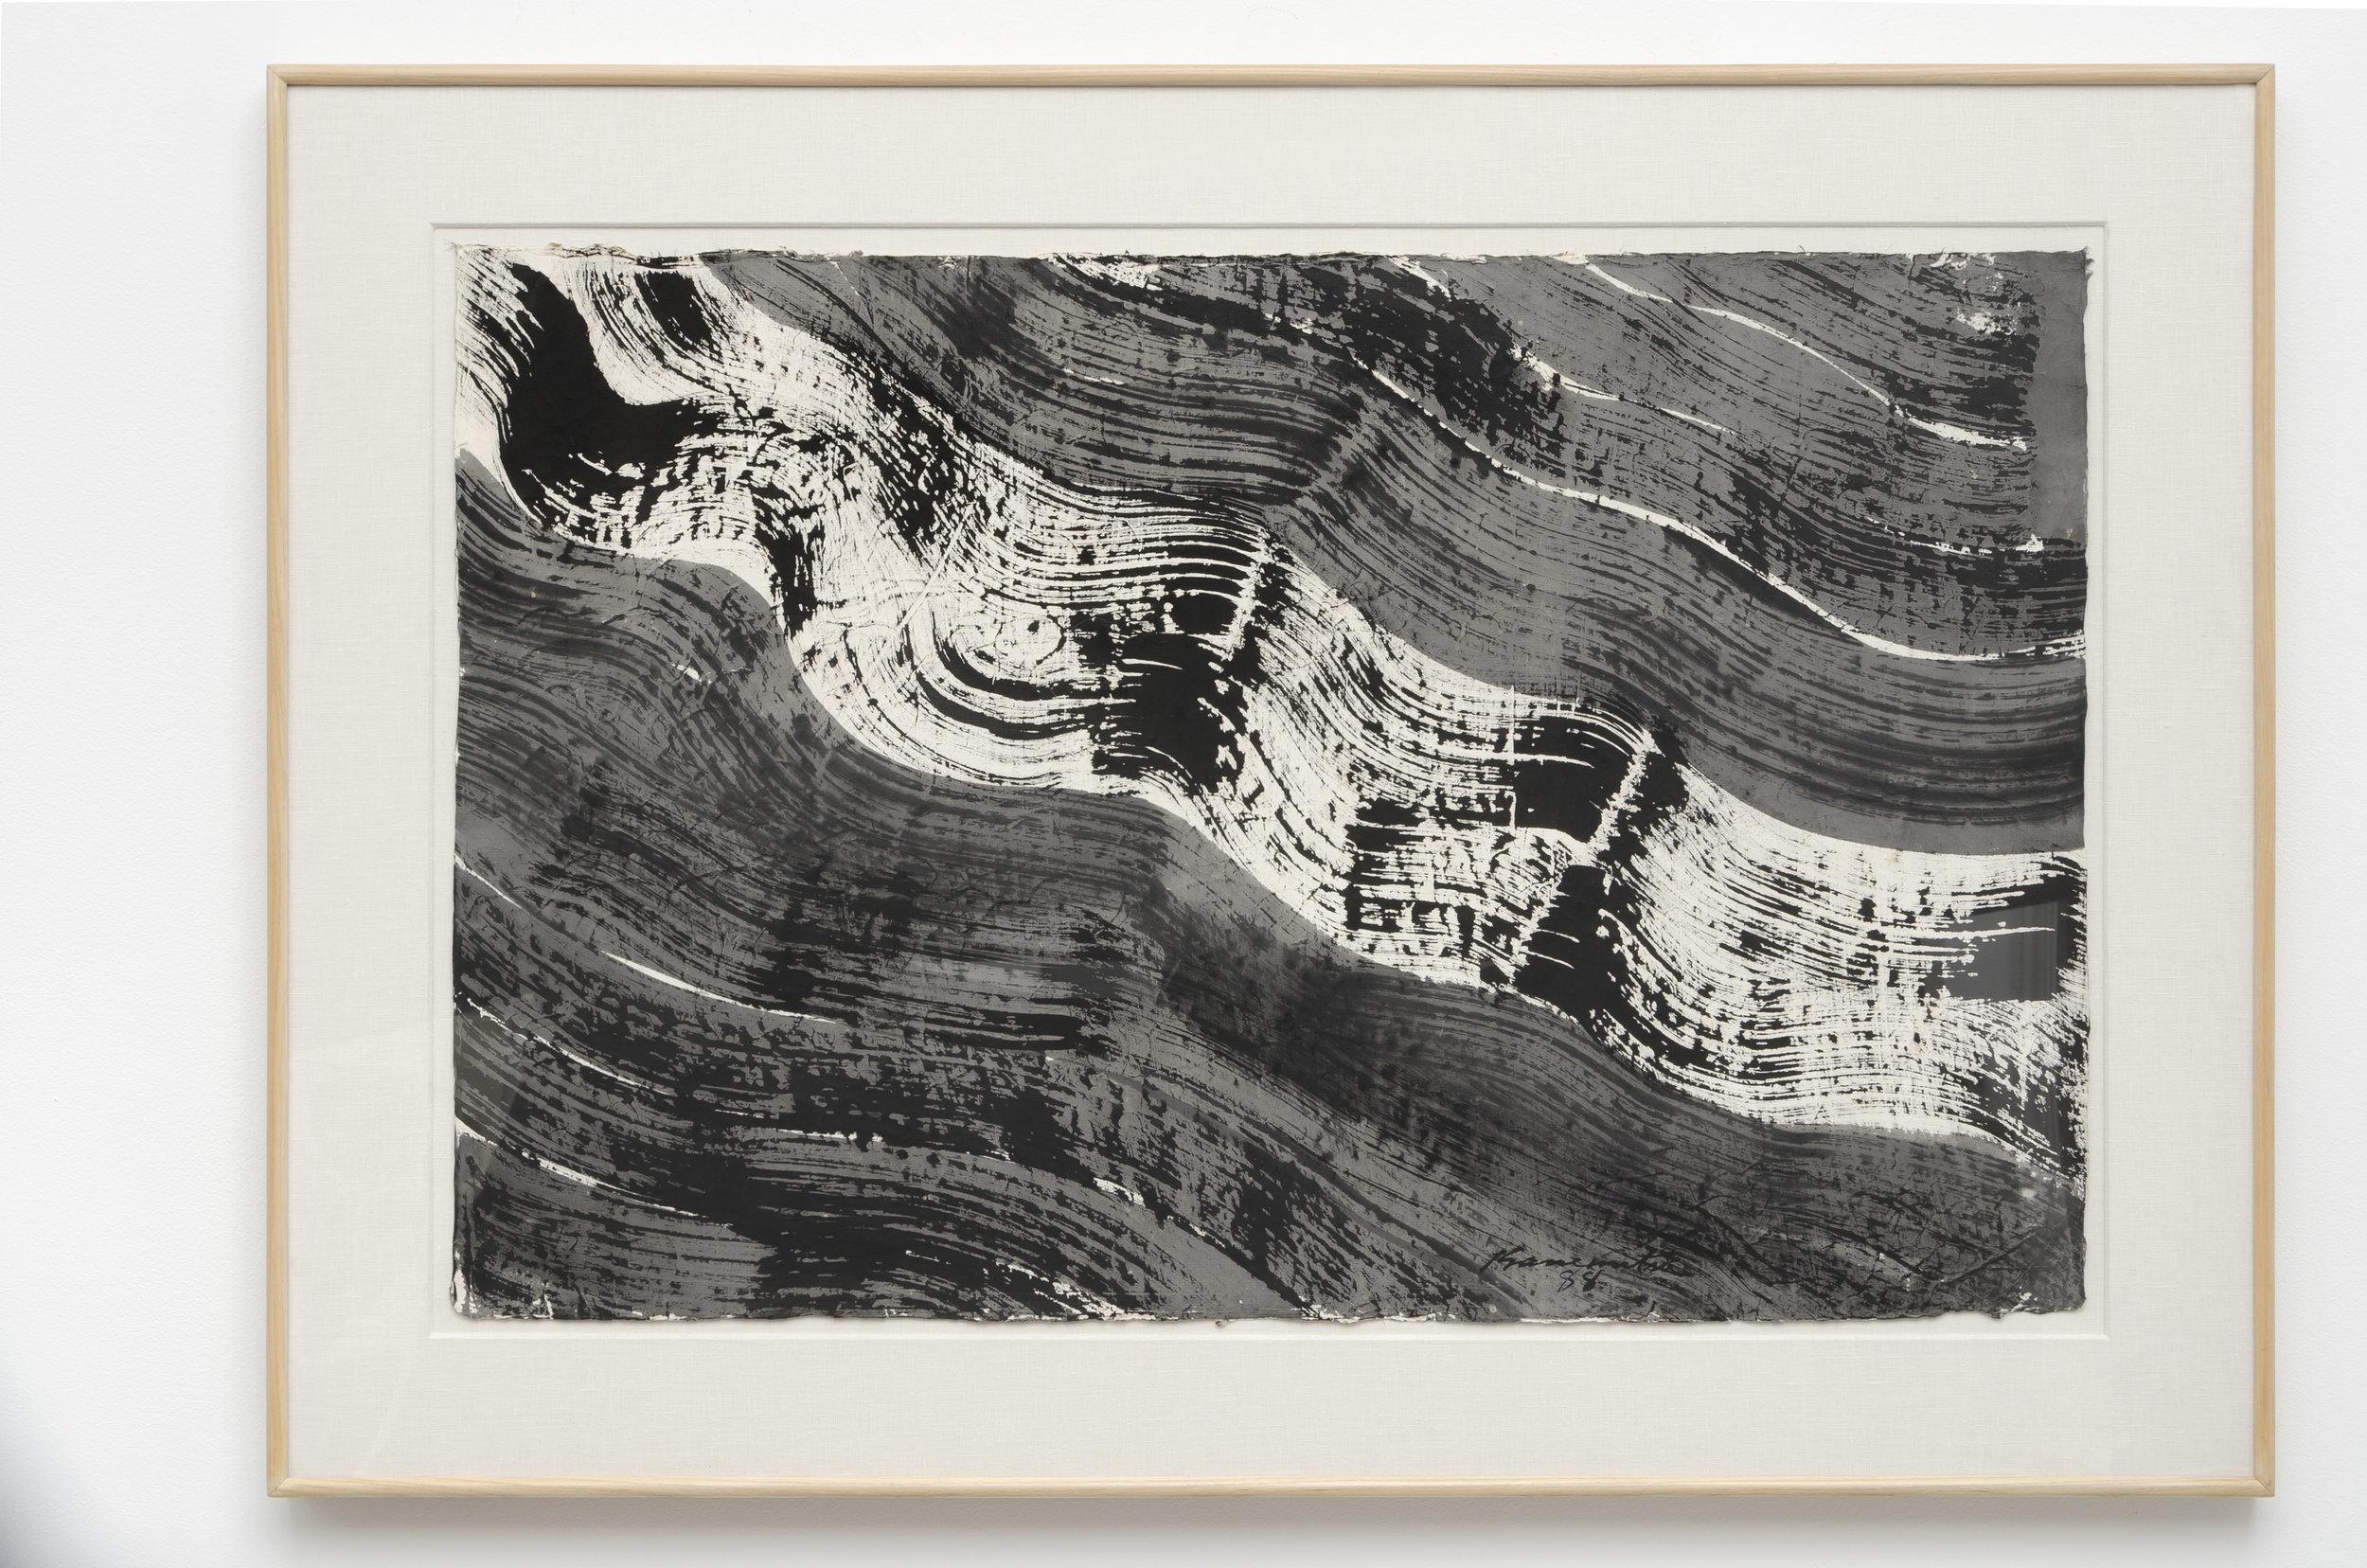 Matsumi Kanemitsu (1922-1992)   Nagare #5 , 1988 sumi on handmade Japanese paper 33 1/2 x 46 1/2 inches; 85.1 x 118.1 centimeters